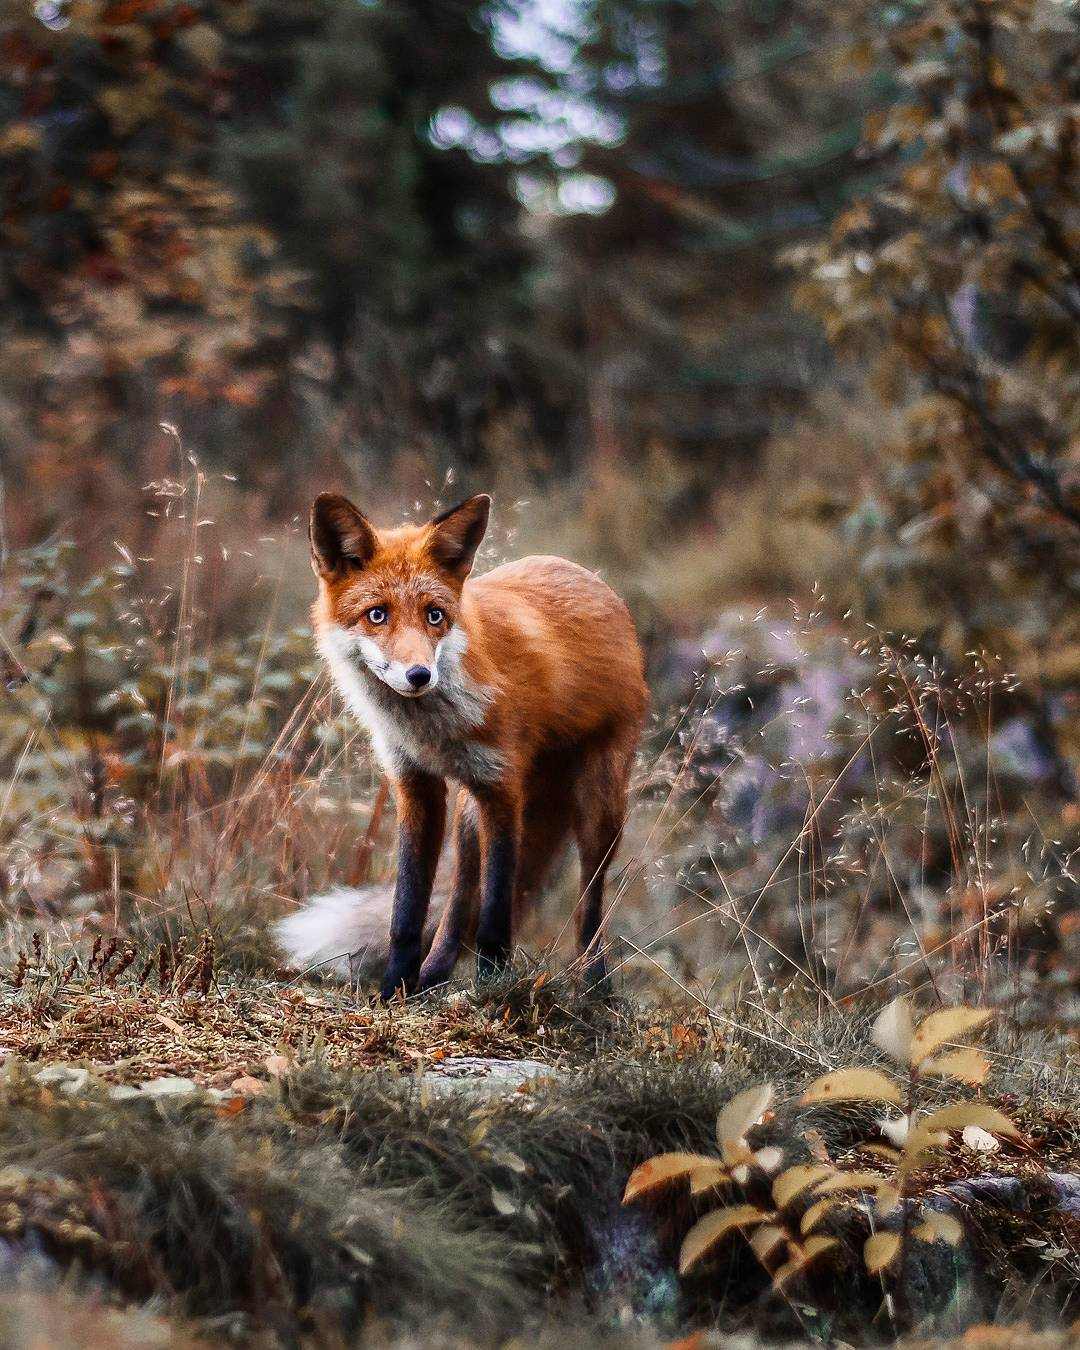 Сказочная природа и животные Финляндии от Йоахима Мюнтера